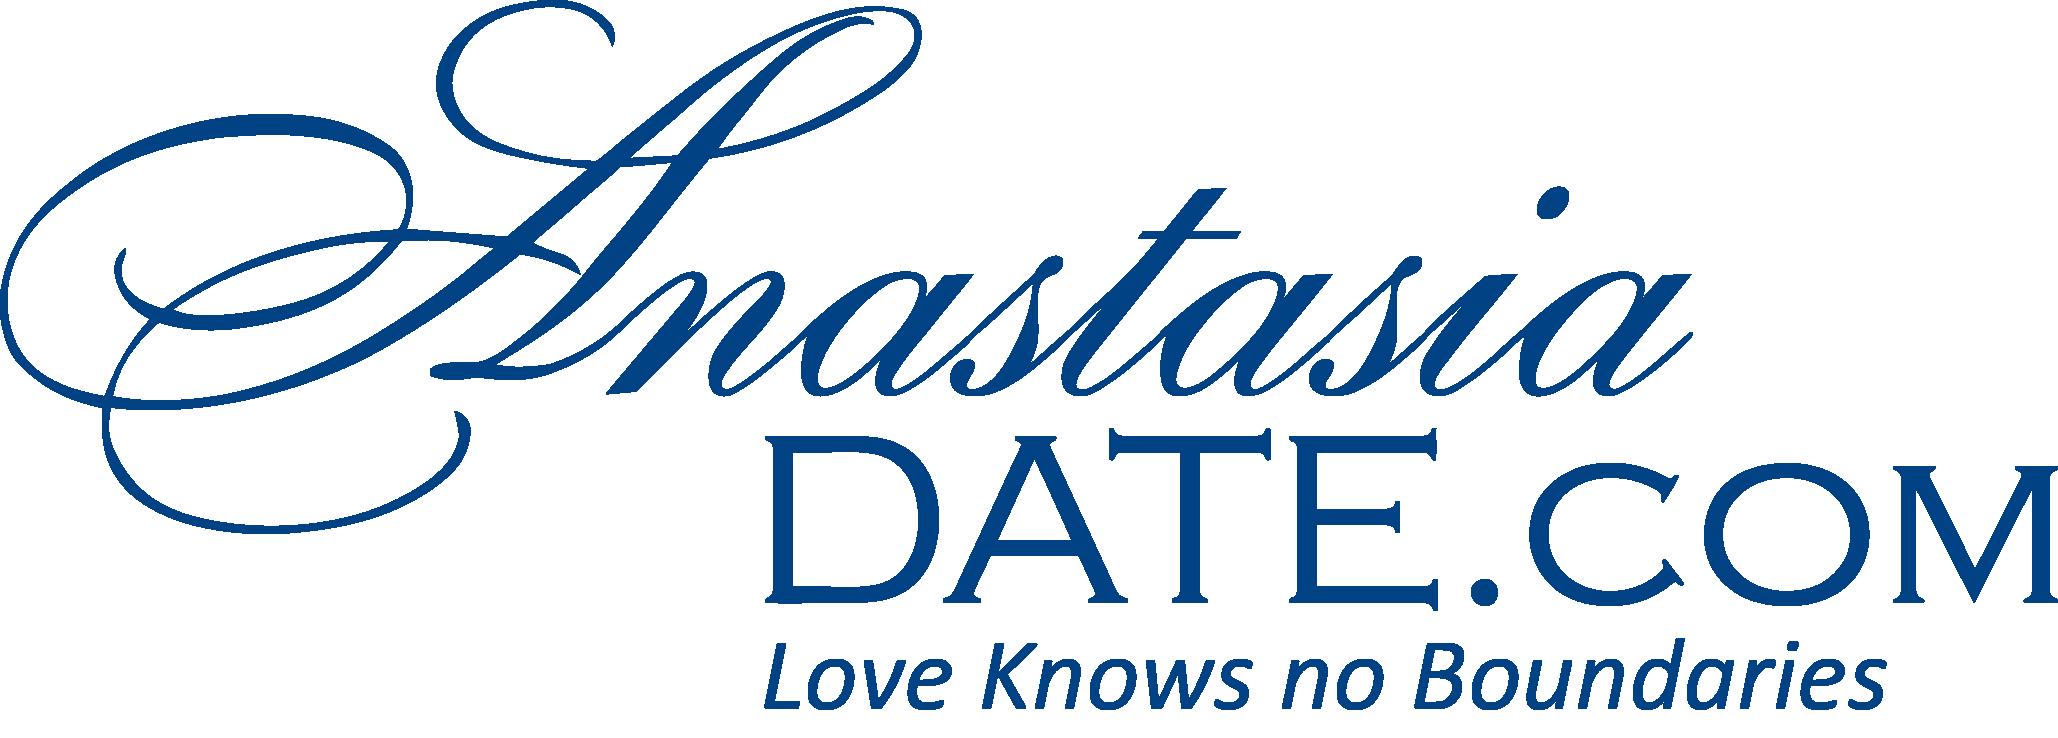 AnastasiaDate Updates Profiles to Include Multimedia Content